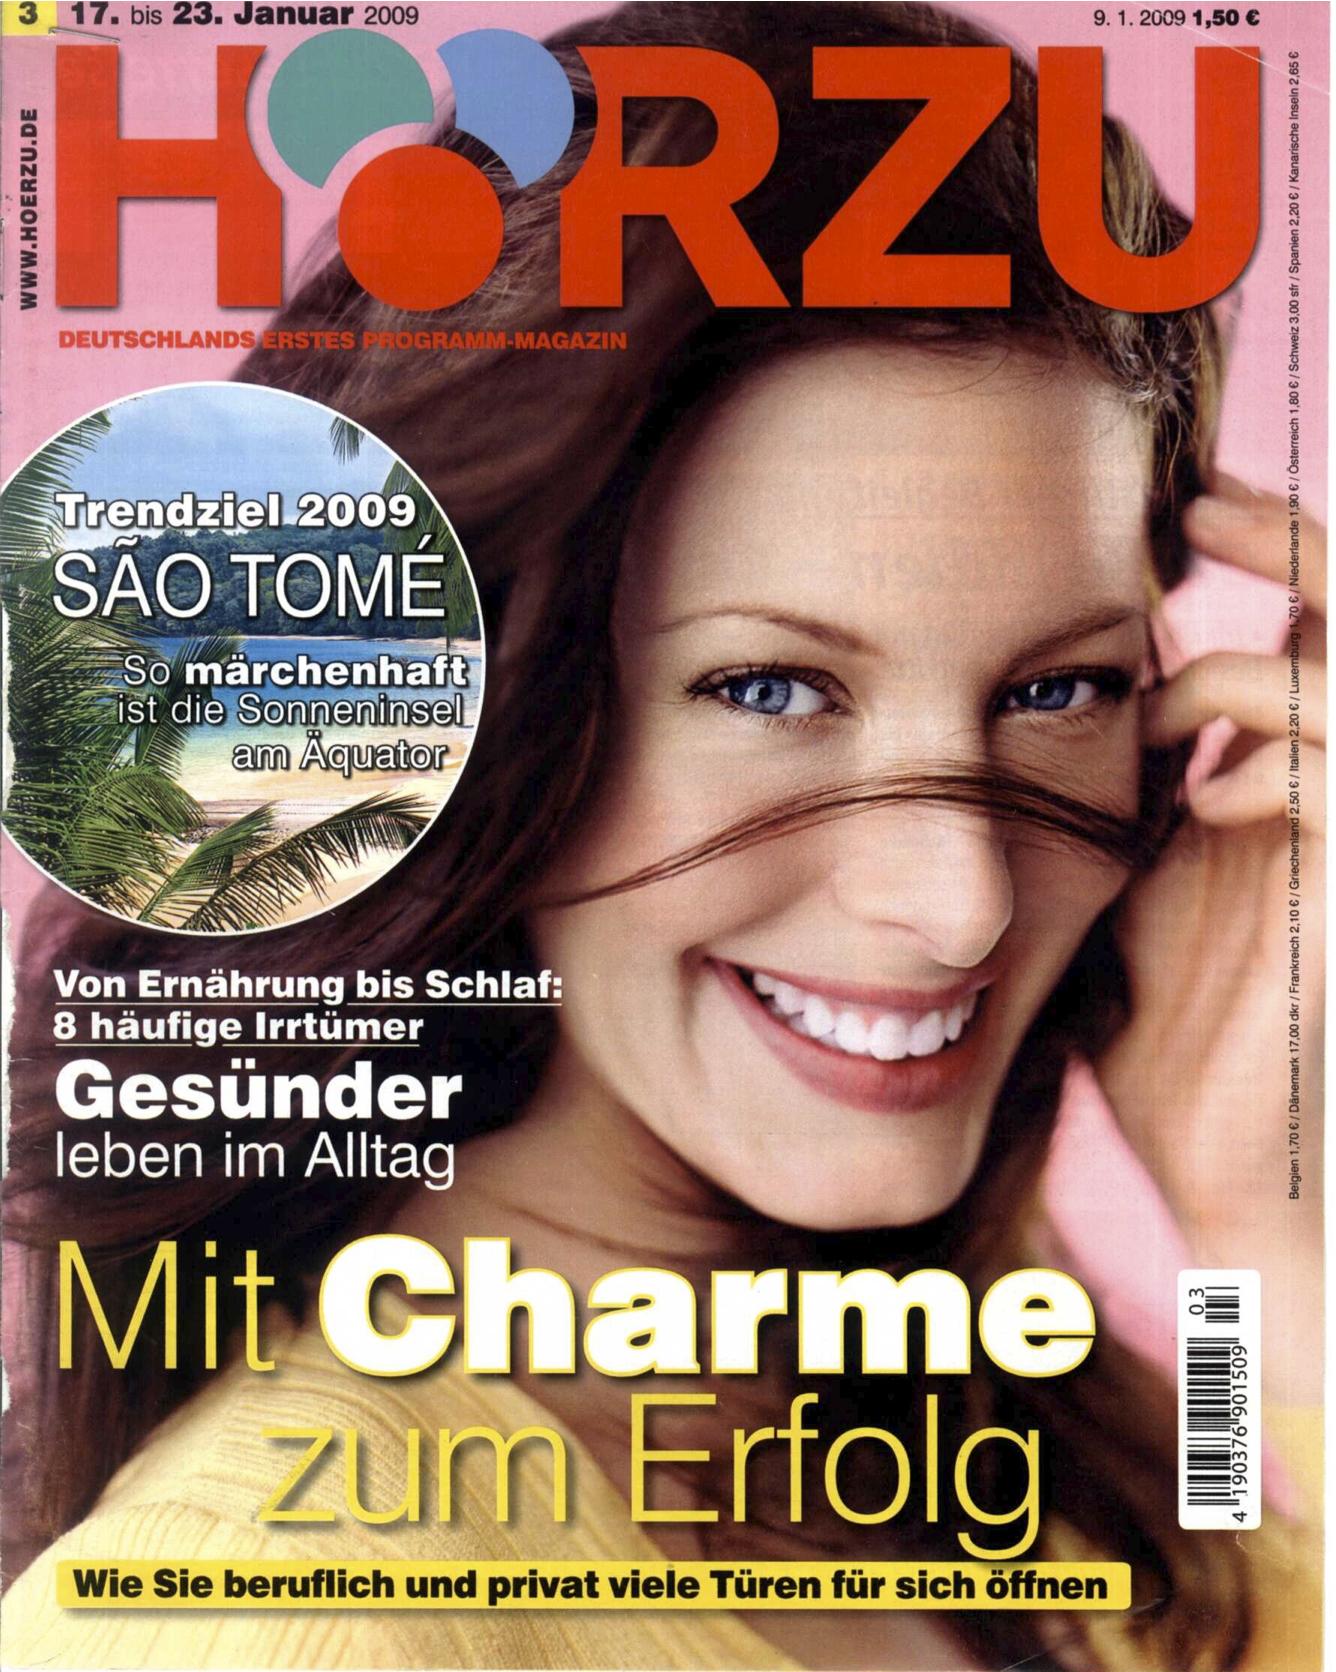 HZ_9.1.2009_Cover.jpg